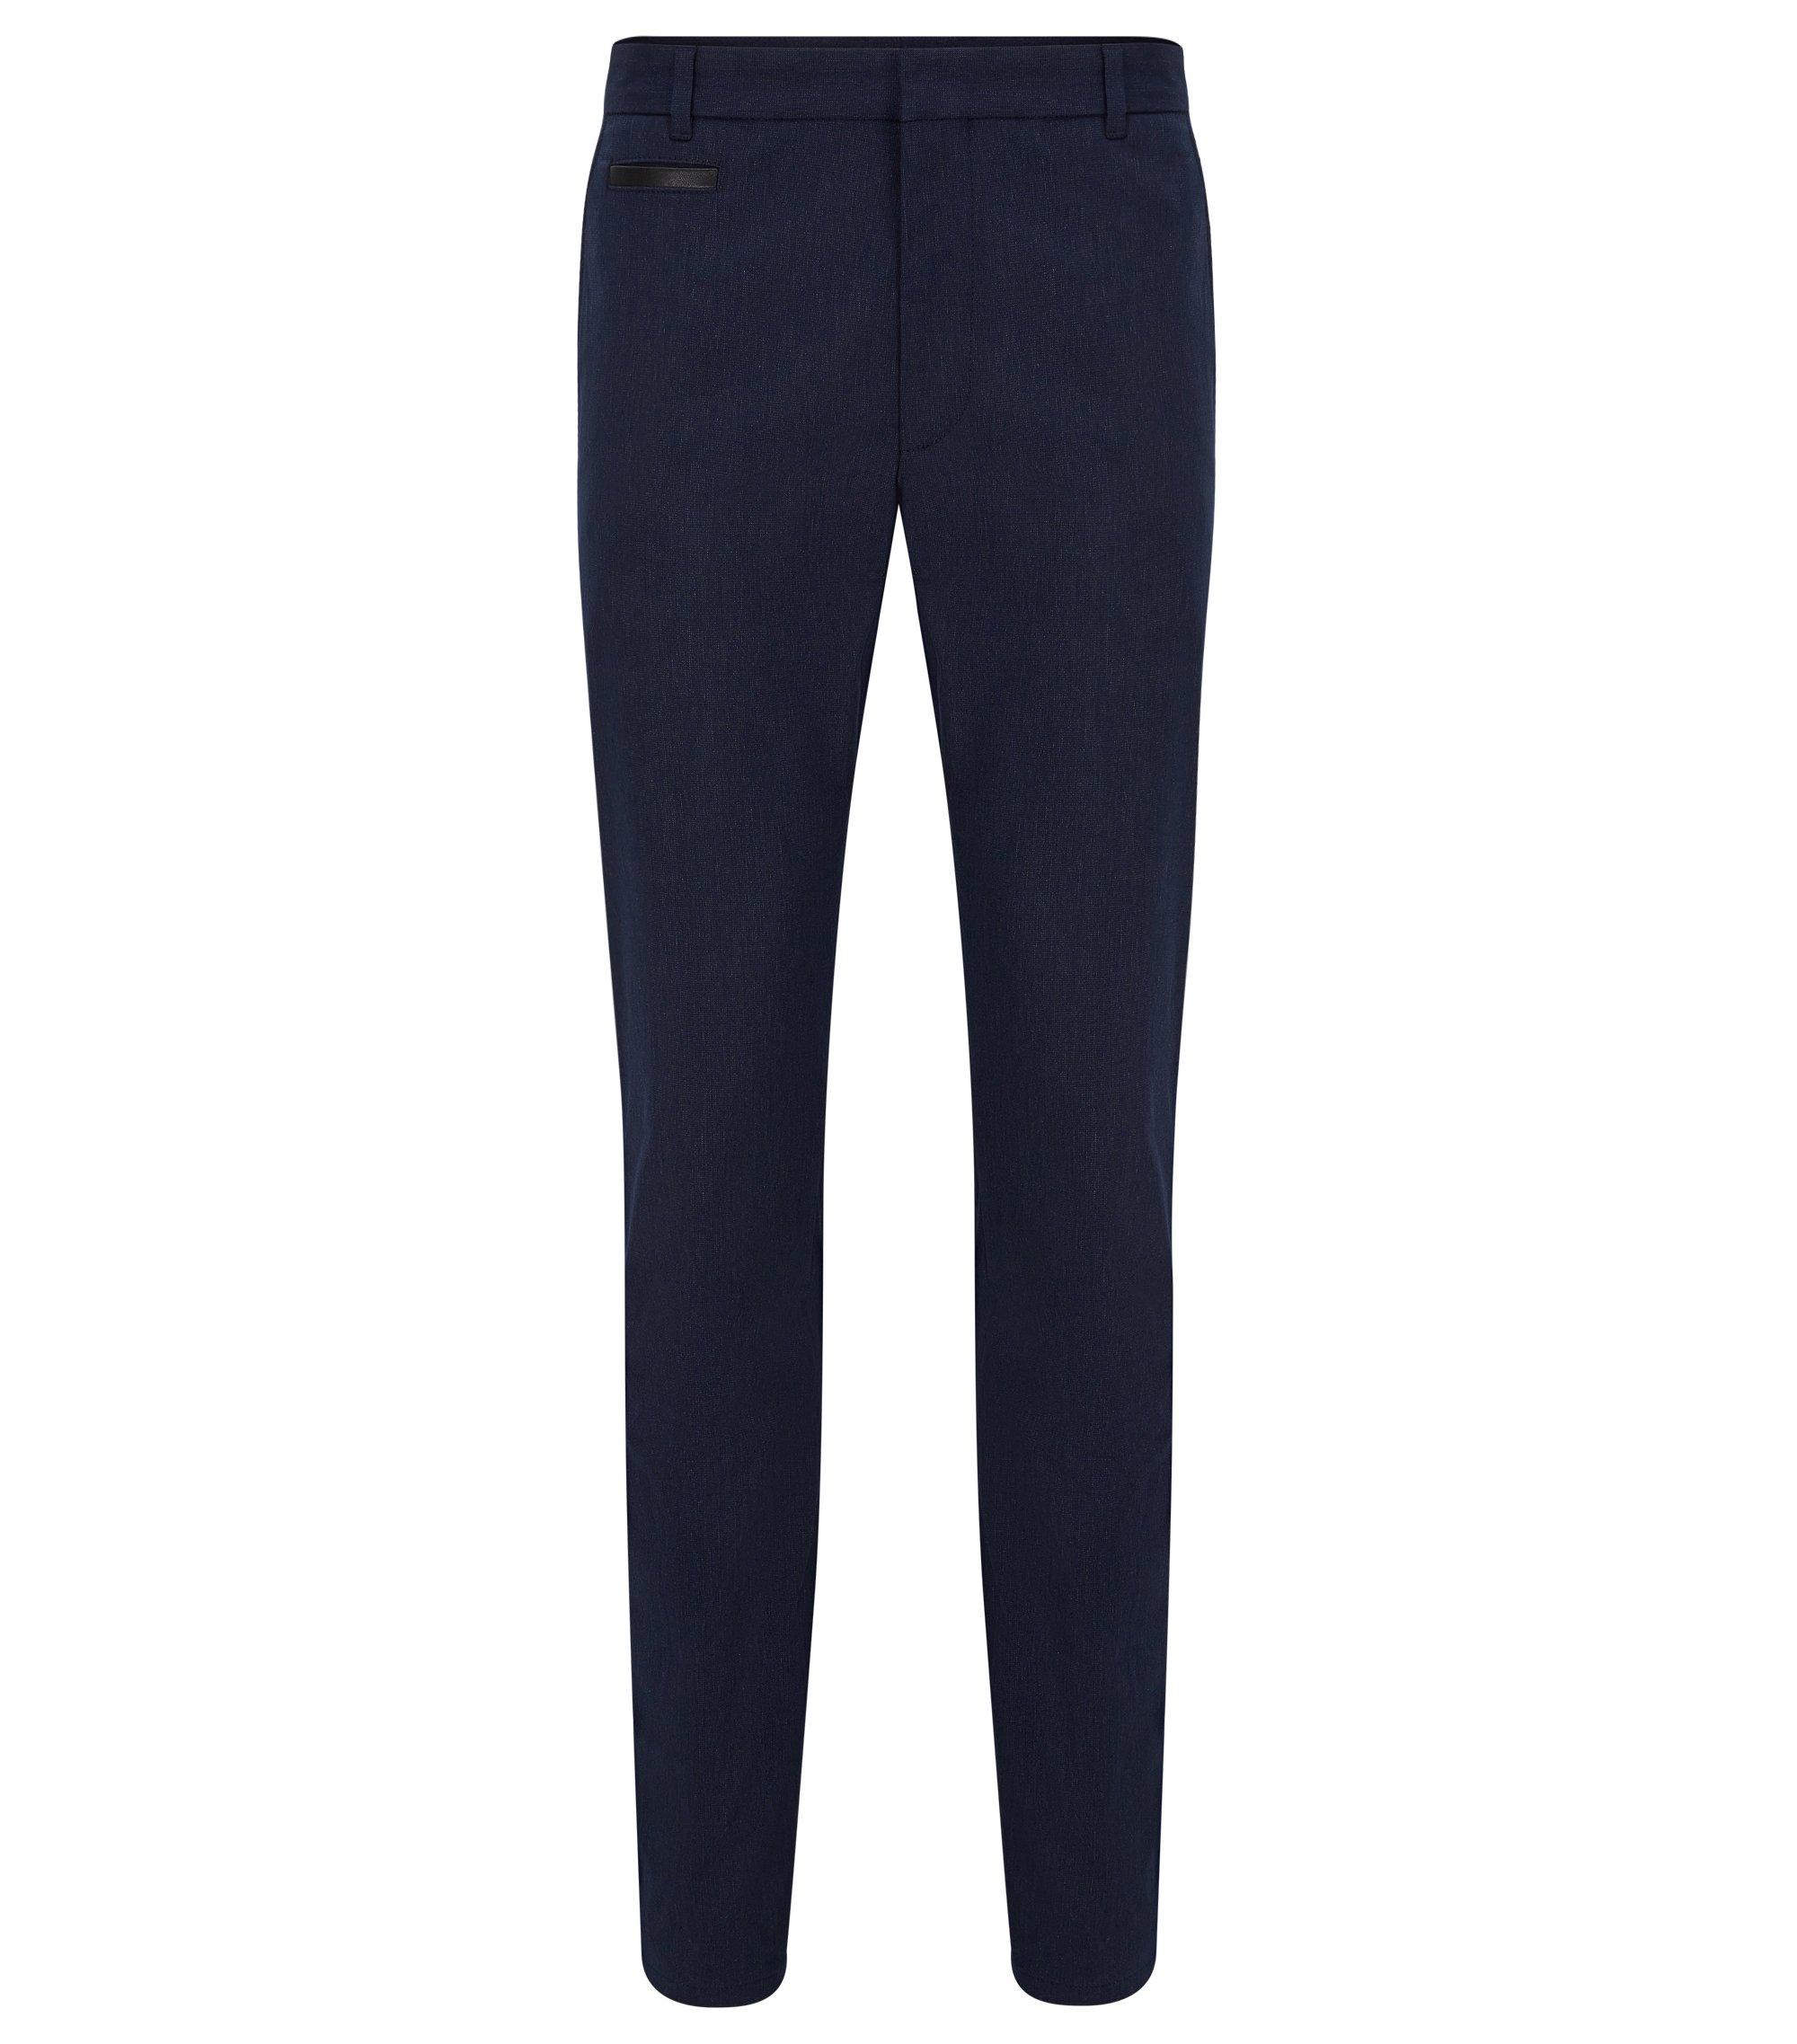 Pantalón extra slim fit en mezcla de algodón con ribete en piel, Azul oscuro